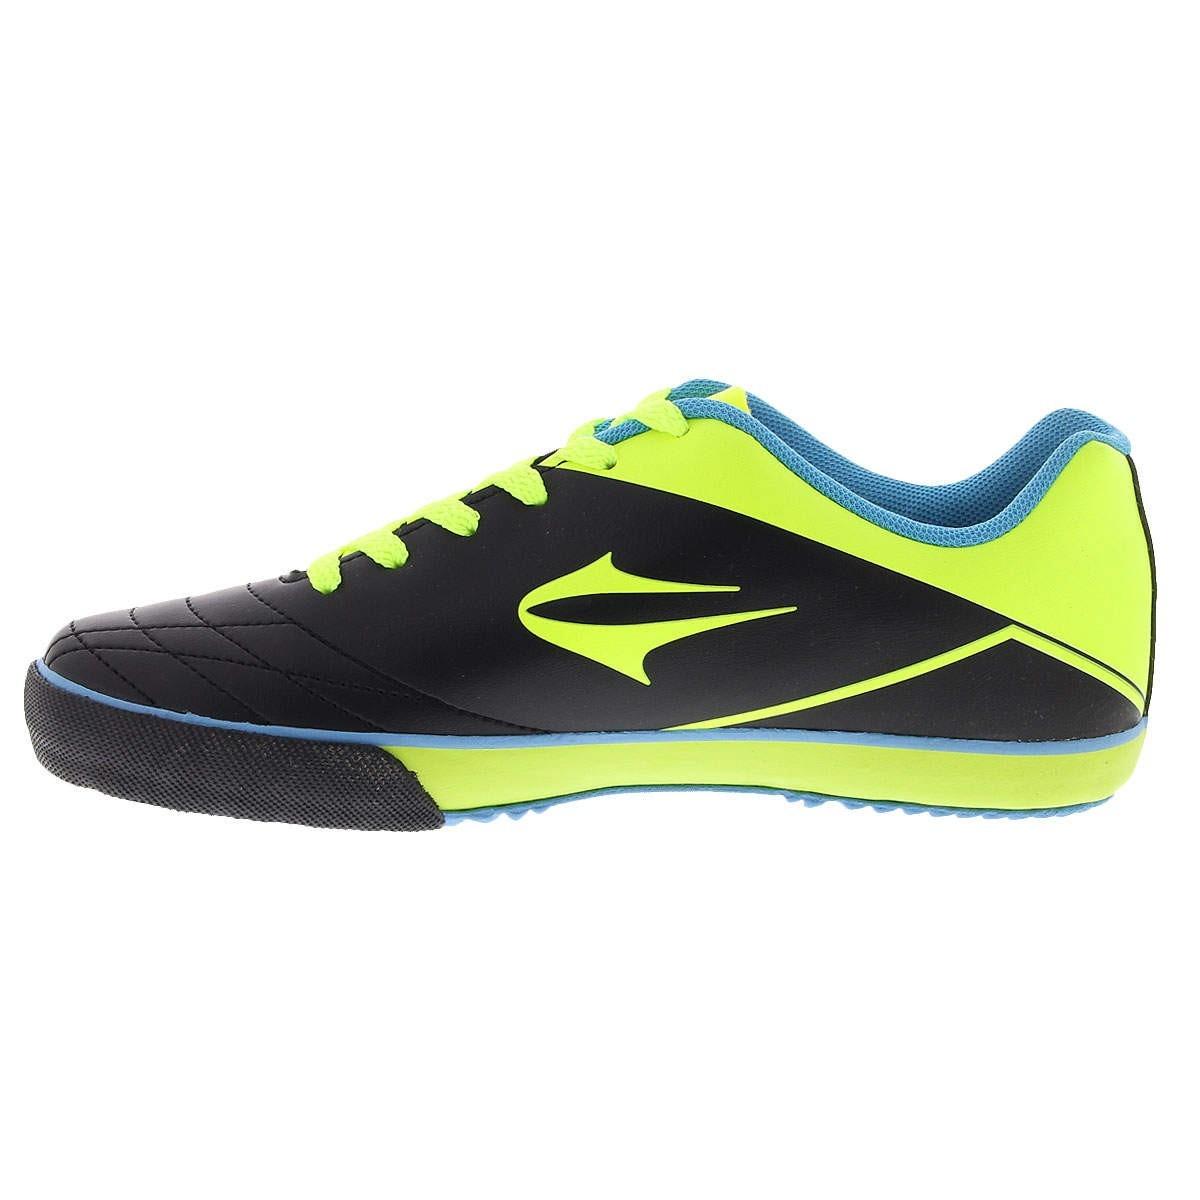 Tênis Futsal Topper Frontier Vii - Infantil - R  79 9e1ef06a9285d